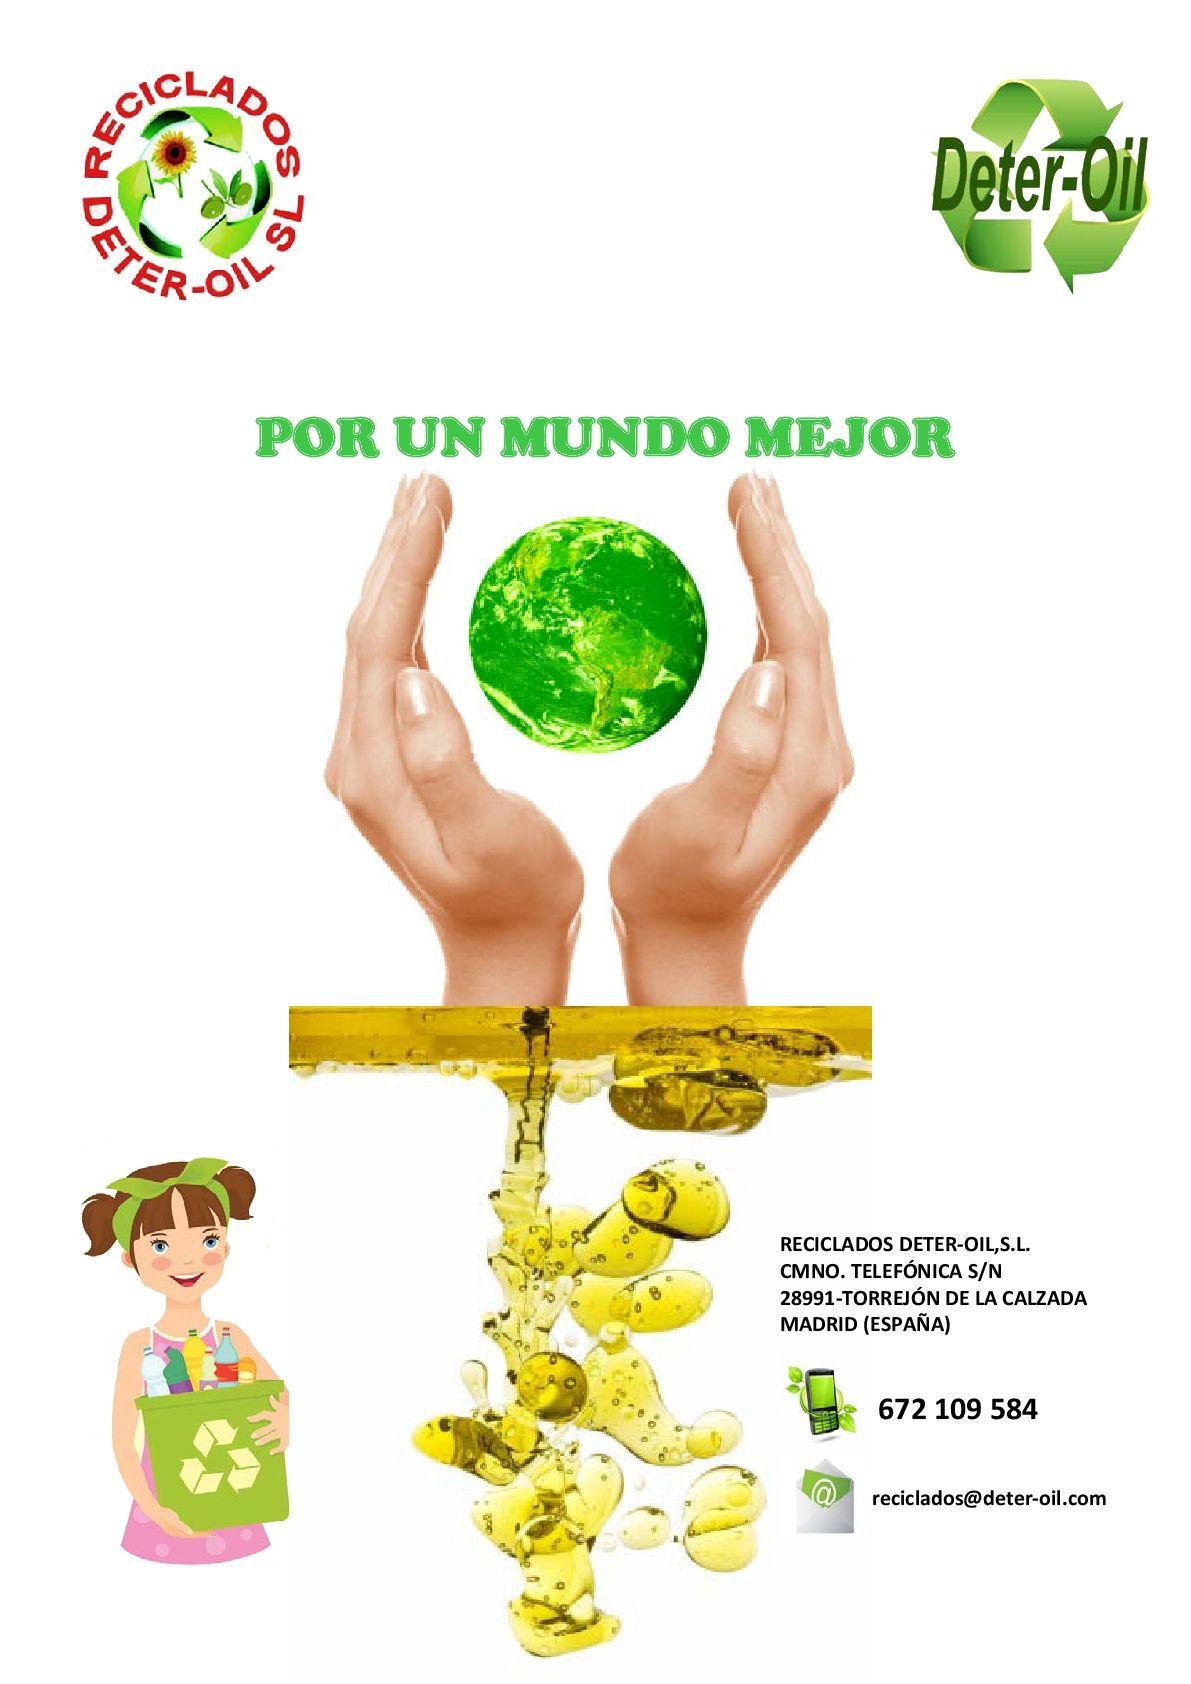 Tiendas: Servicios de Reciclados Deter-Oil